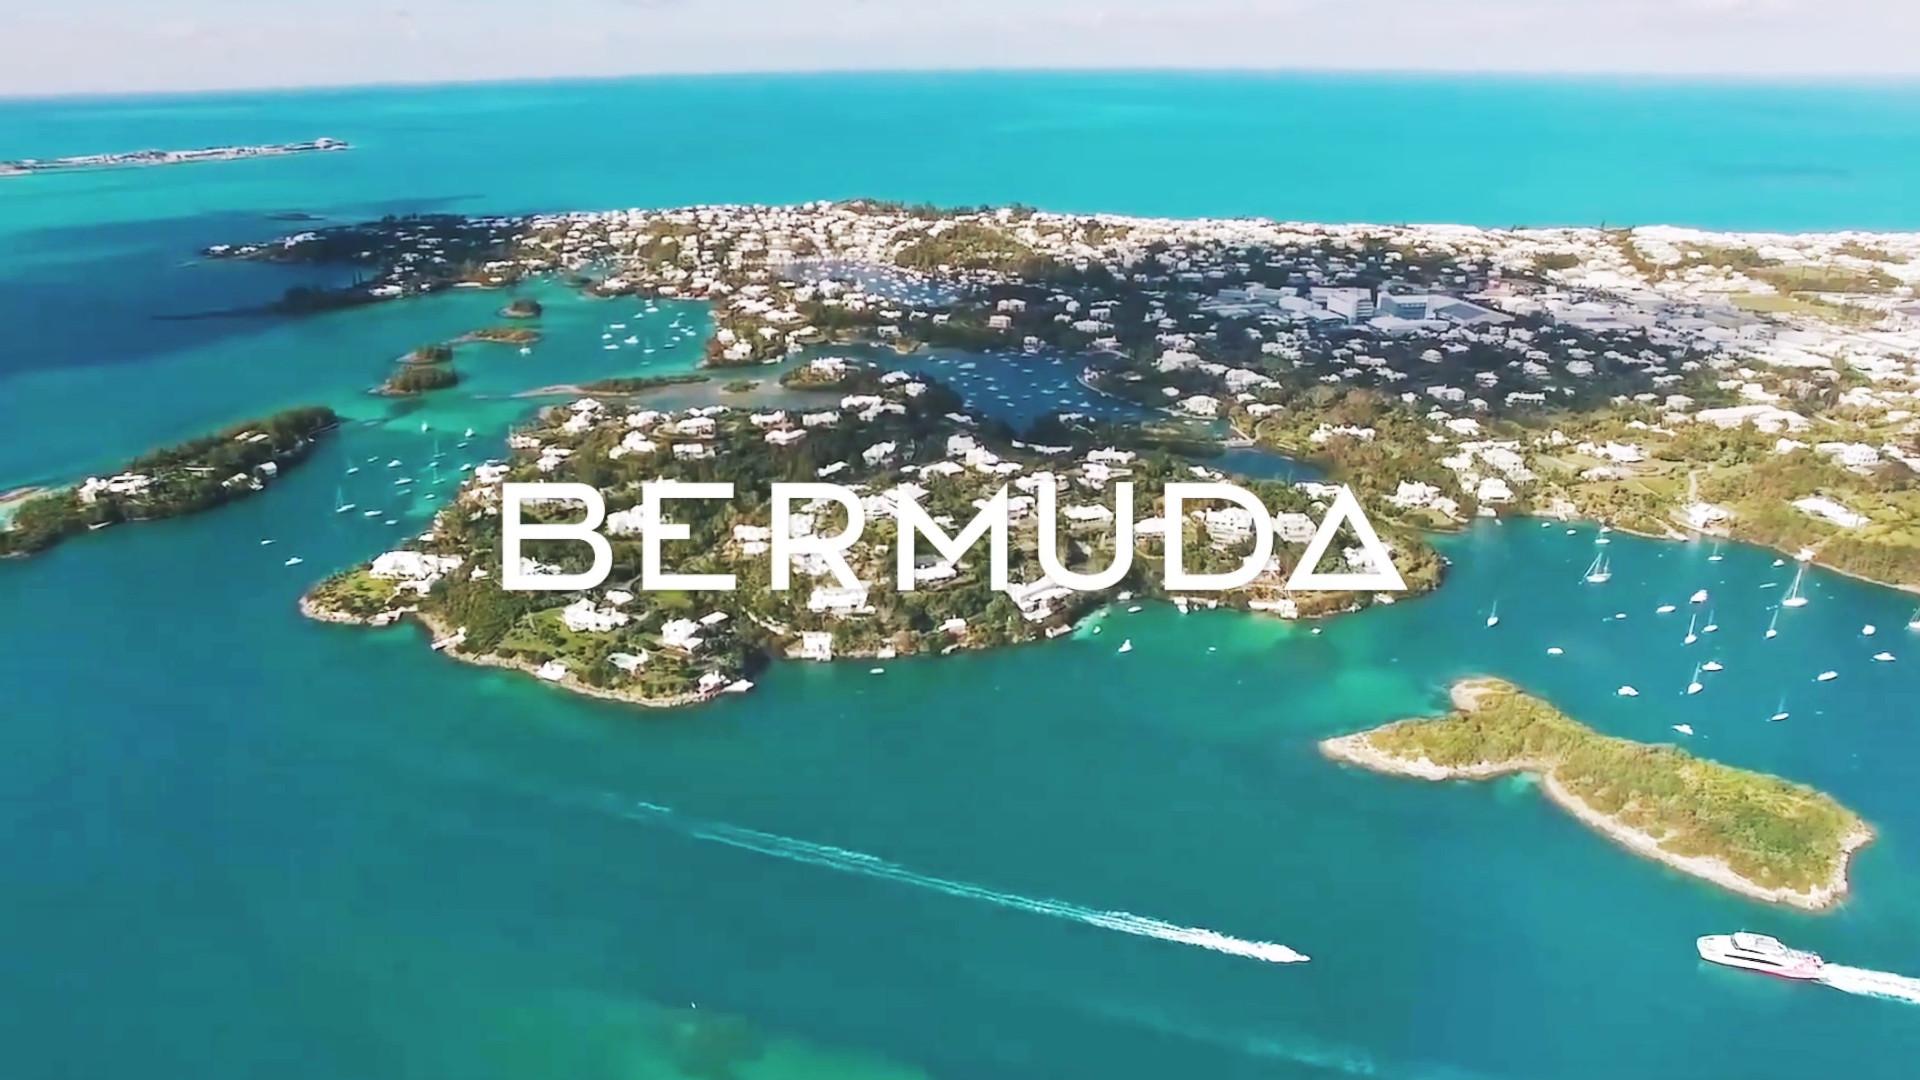 Bermuda Economic Investment Certificate